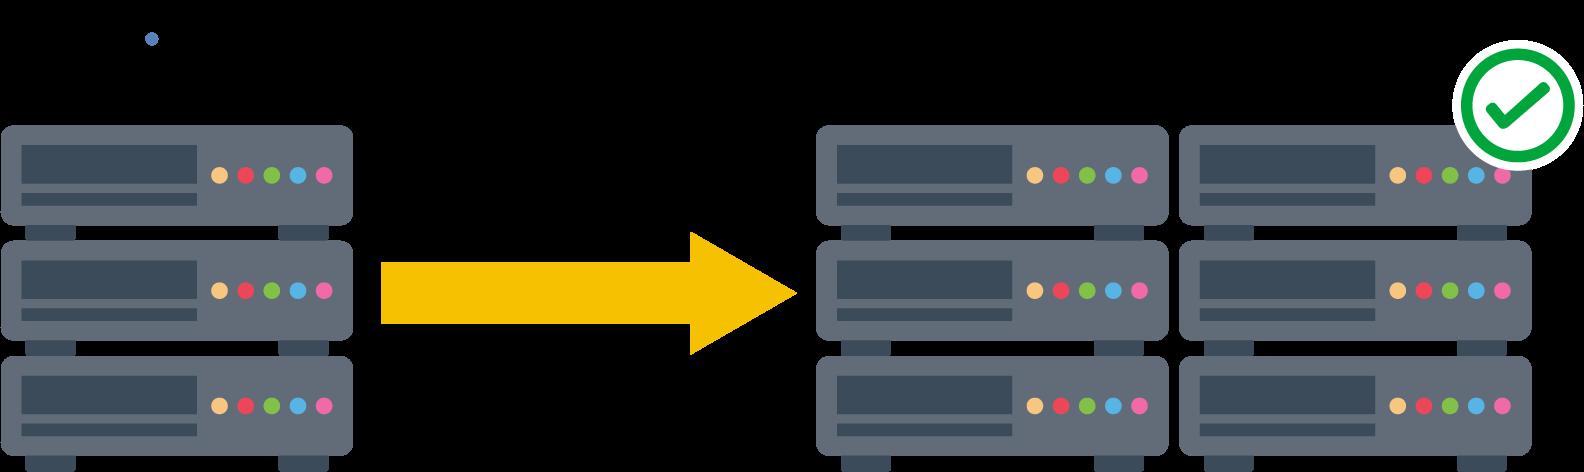 サーバーディスク容量追加イメージ